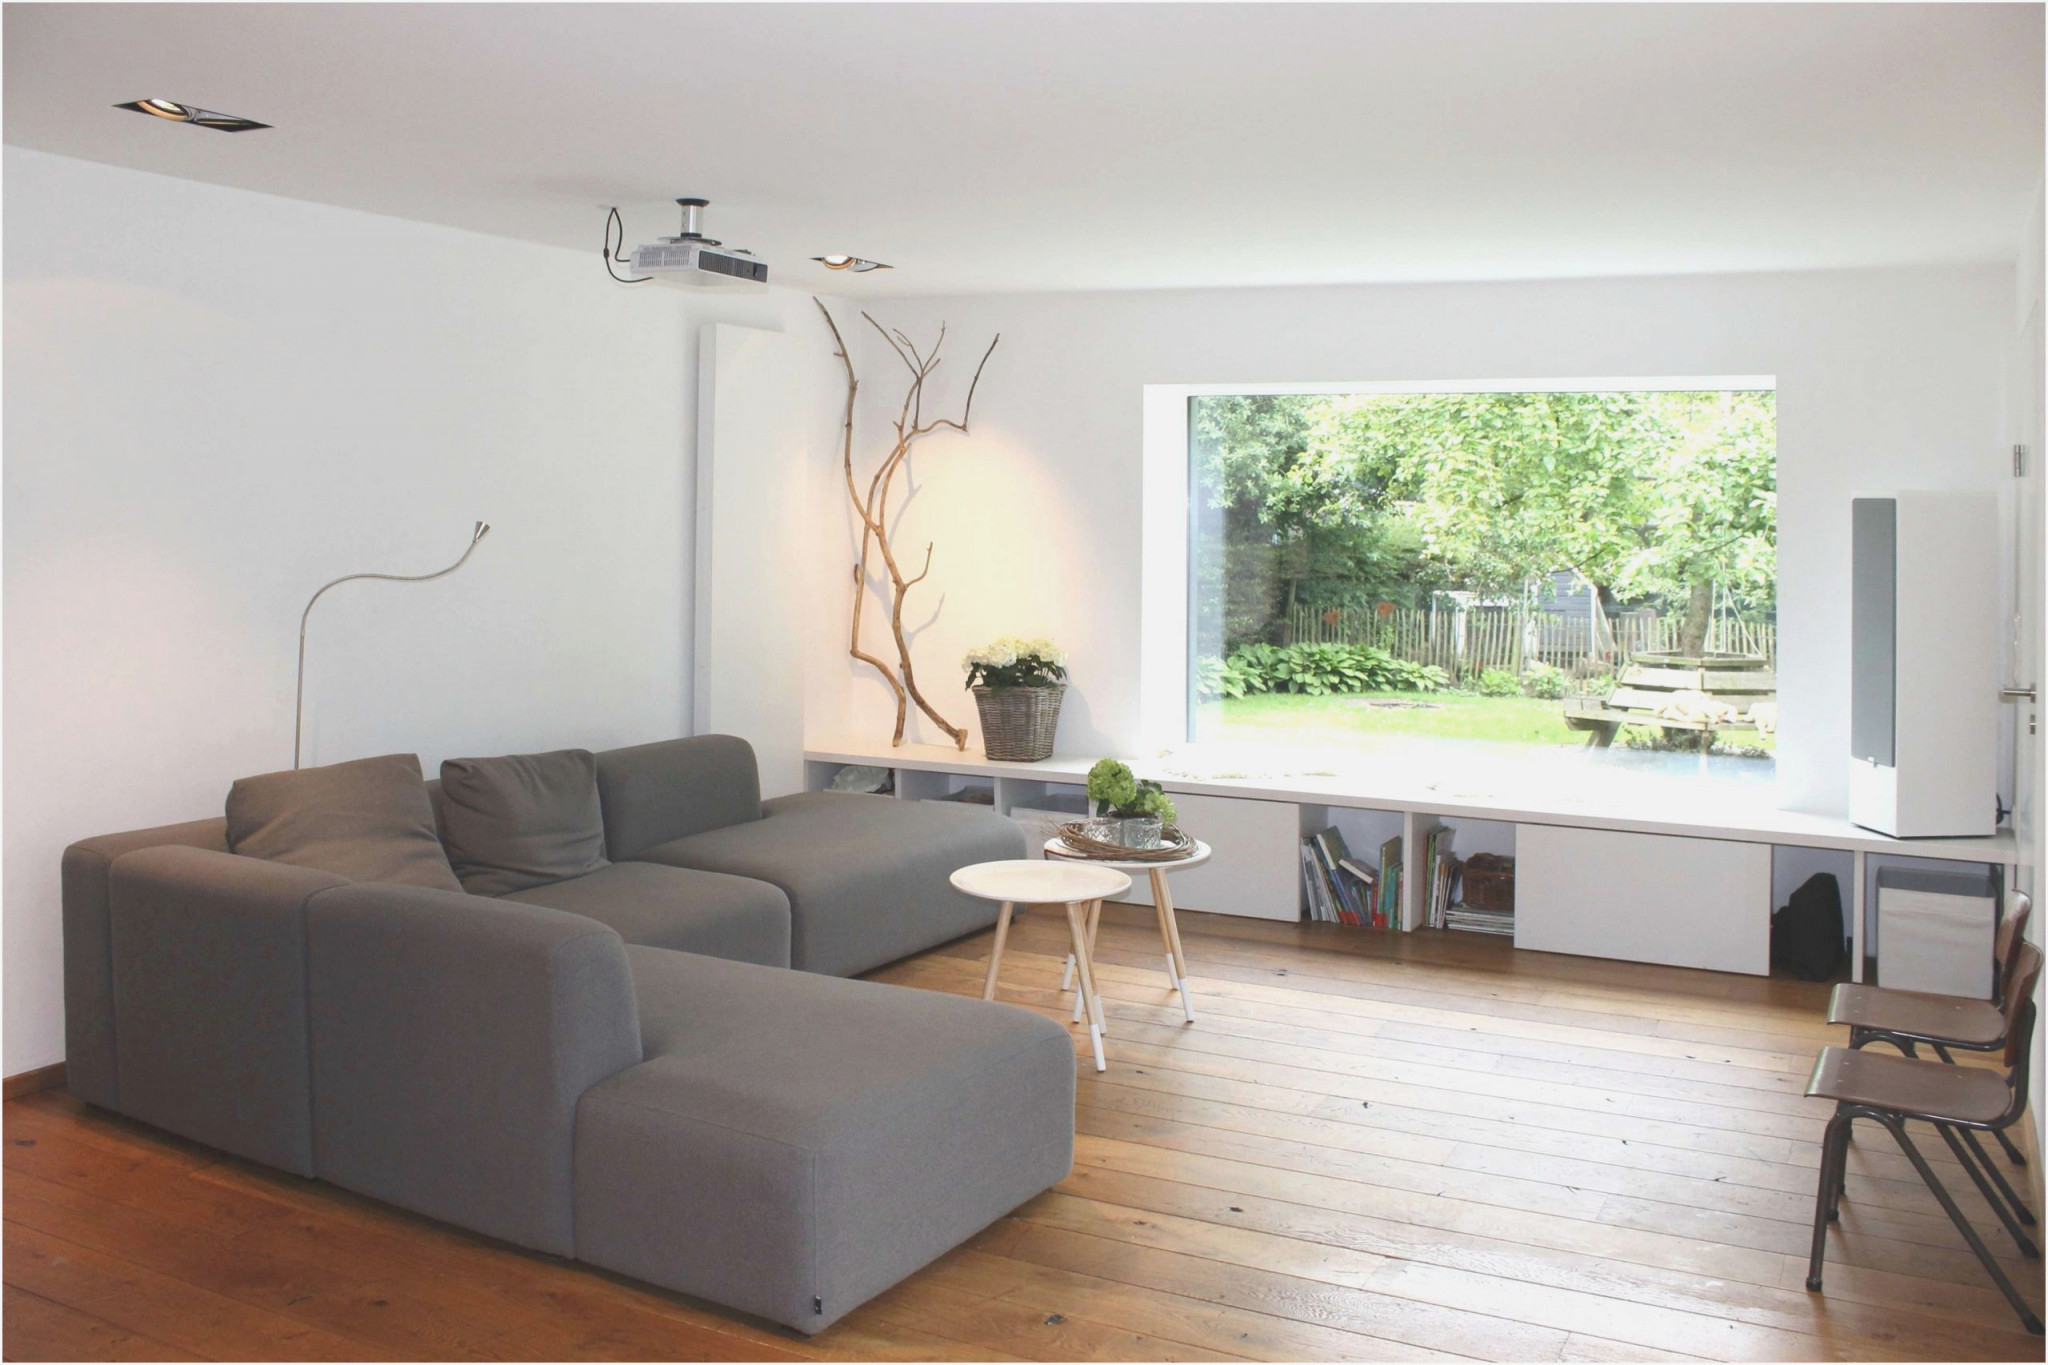 Wohn Esszimmer 10 Qm  Esszimmer  Traumhaus Dekoration von Wohnzimmer Und Esszimmer Ideen Photo